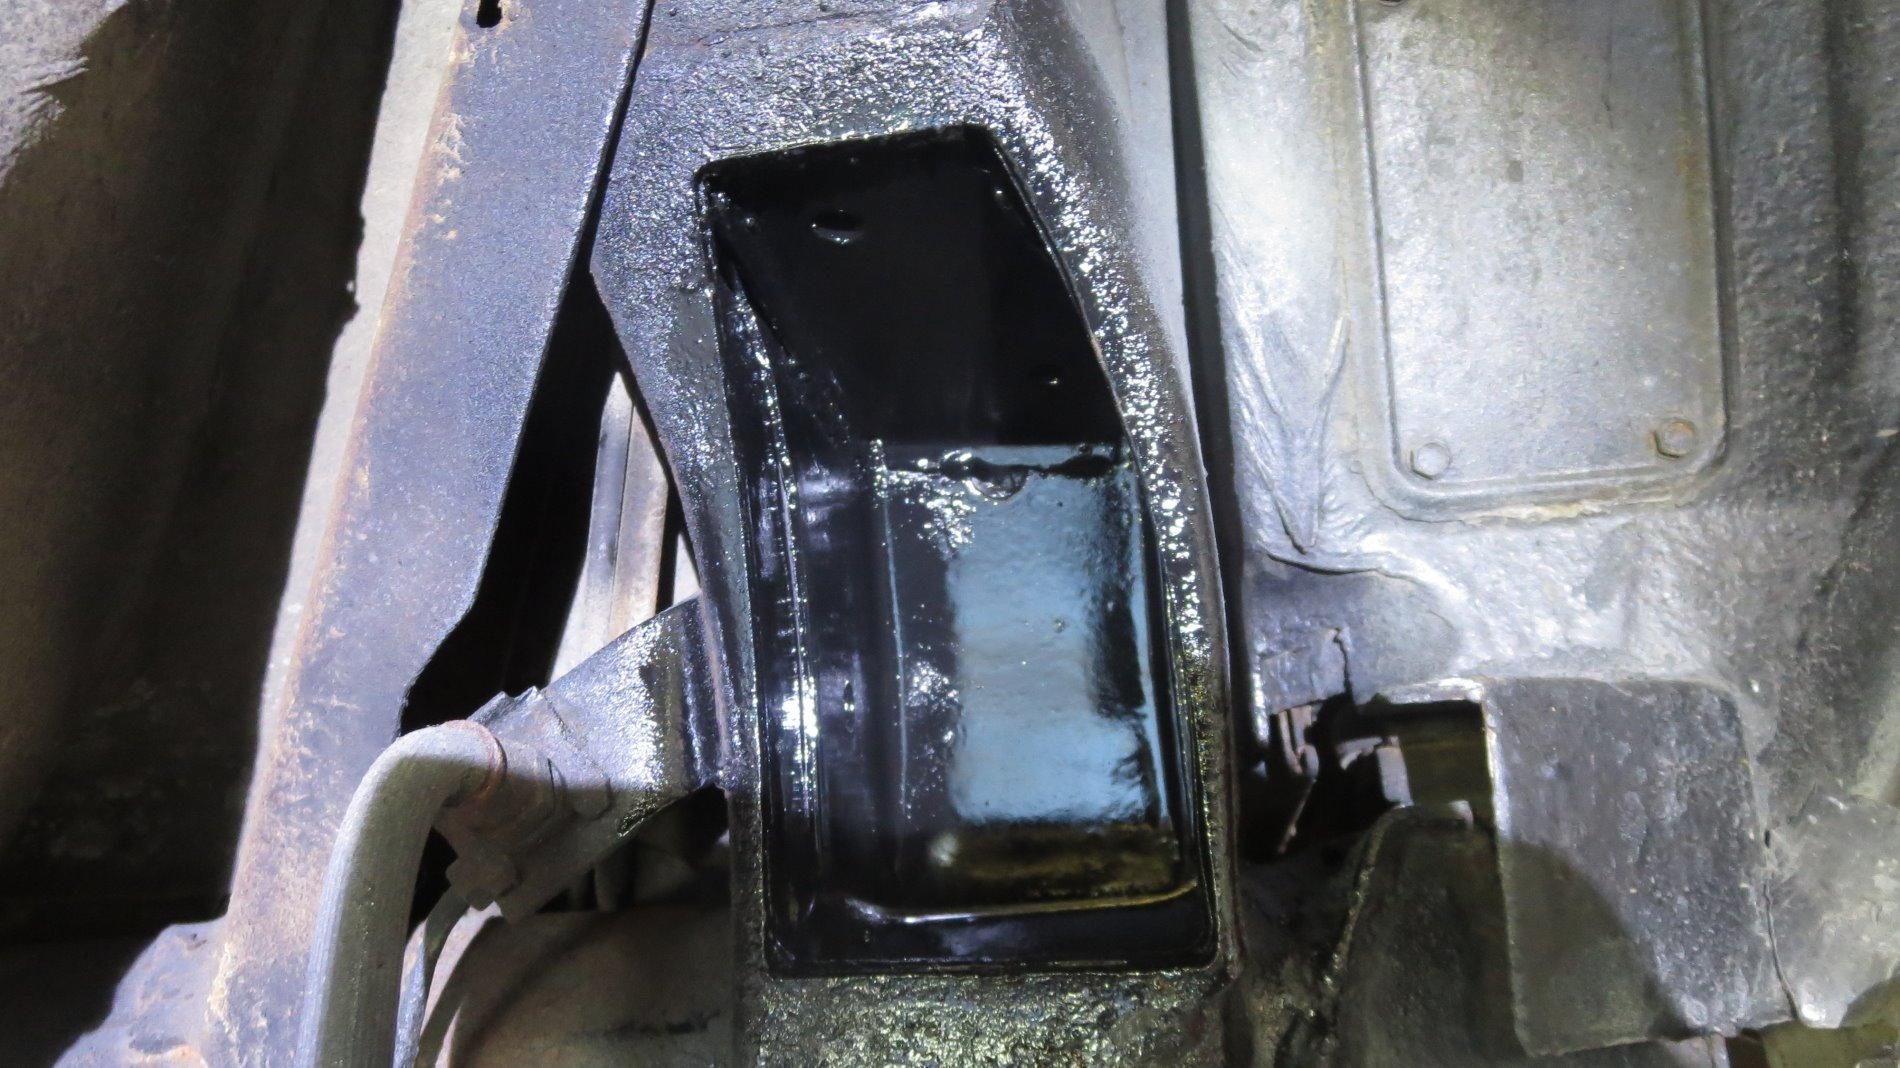 79 - Trailing arm rebuild - CorvetteForum - Chevrolet